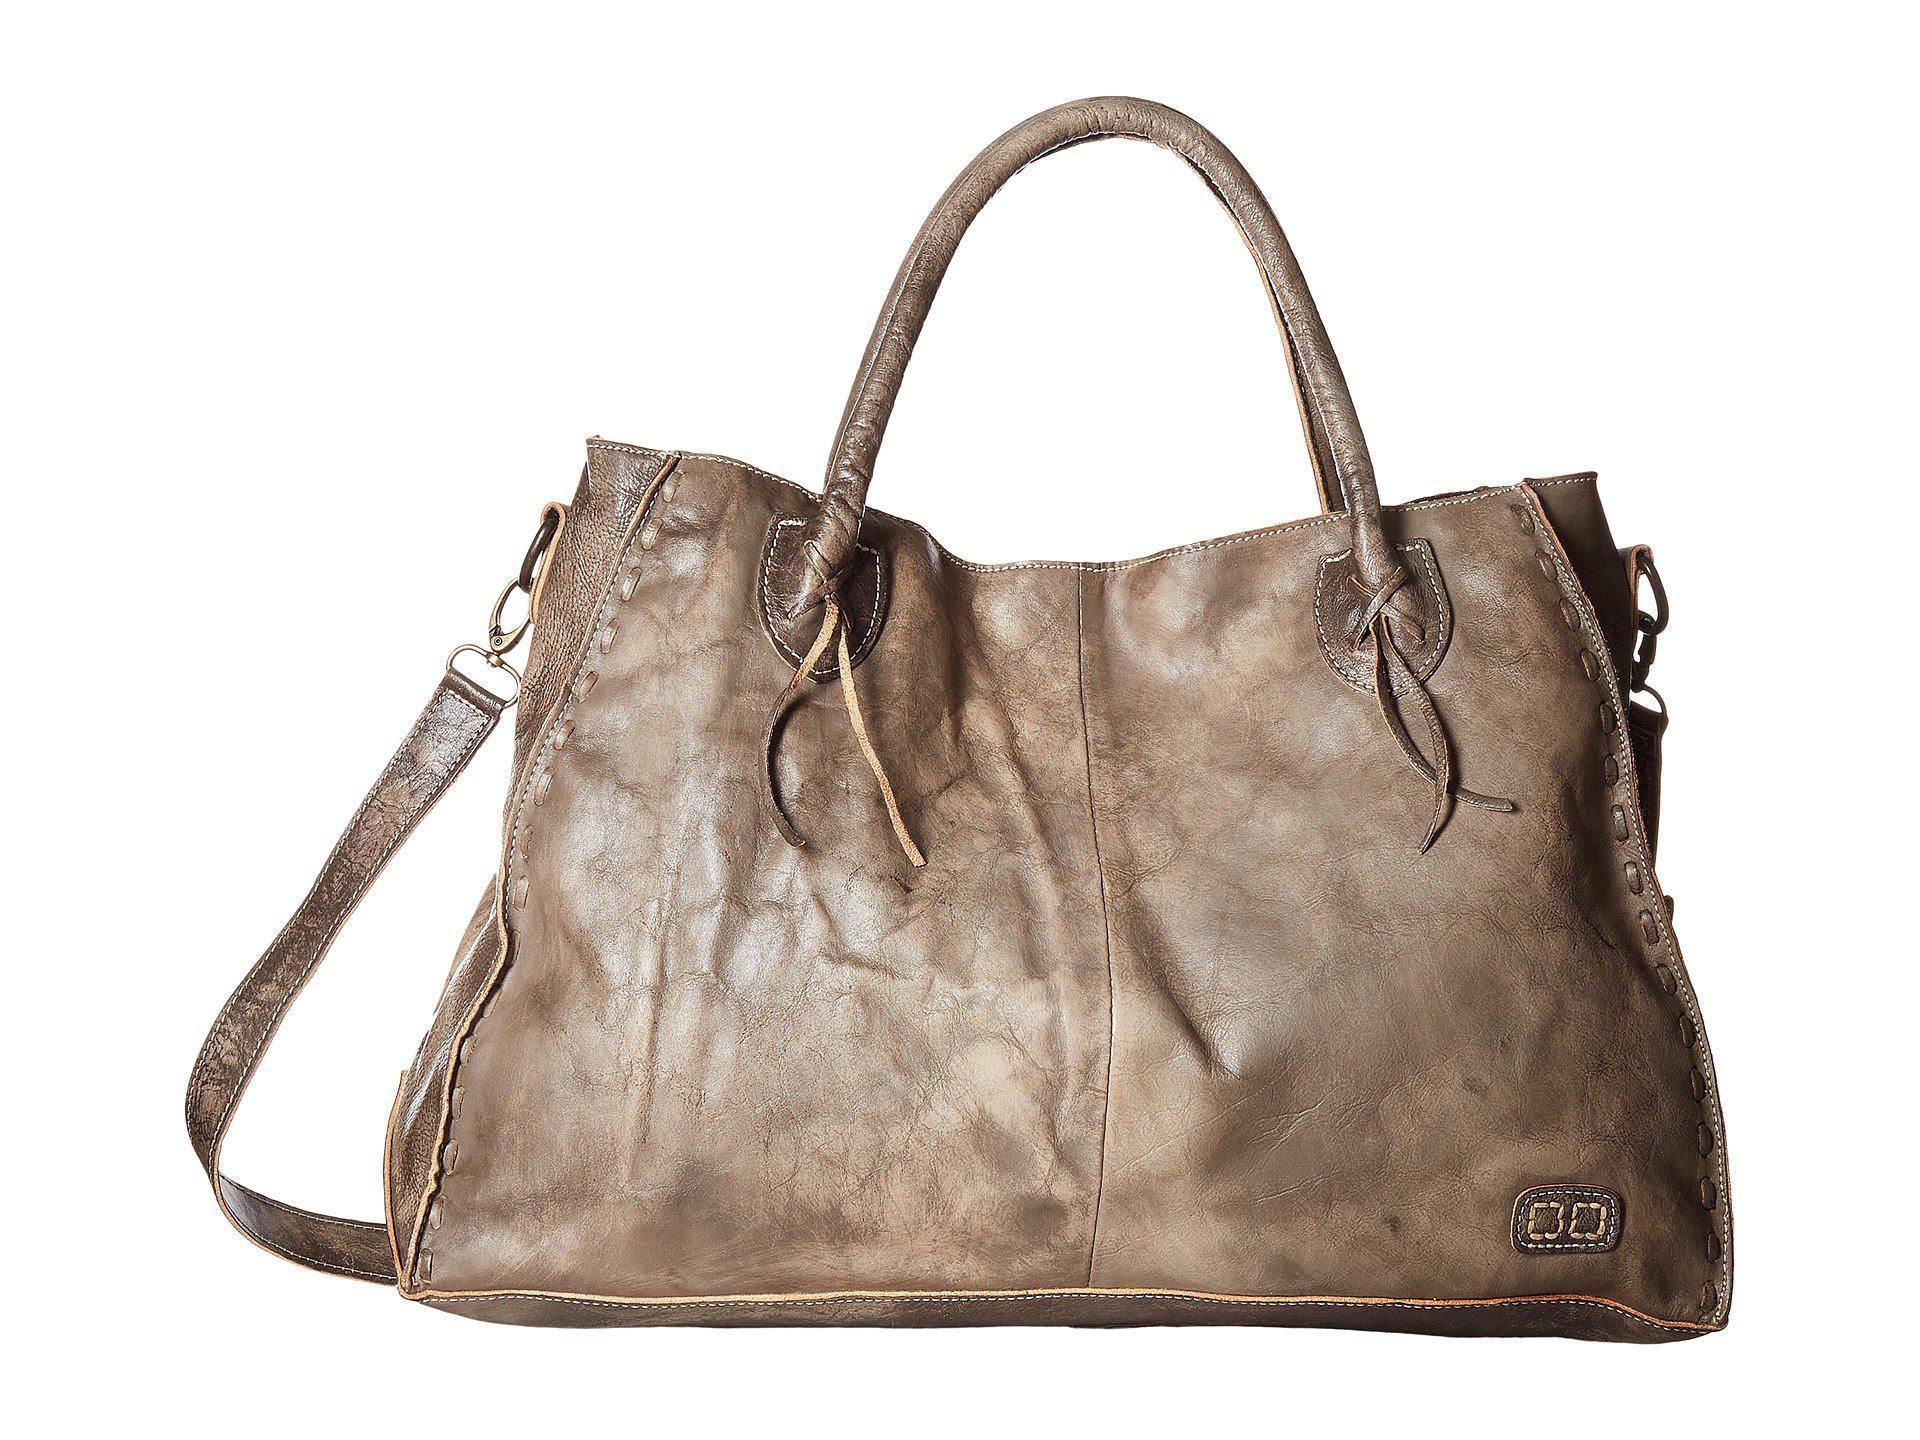 e82e28f051fb Lyst - Bed Stu Rockaway (tan Rustic) Handbags